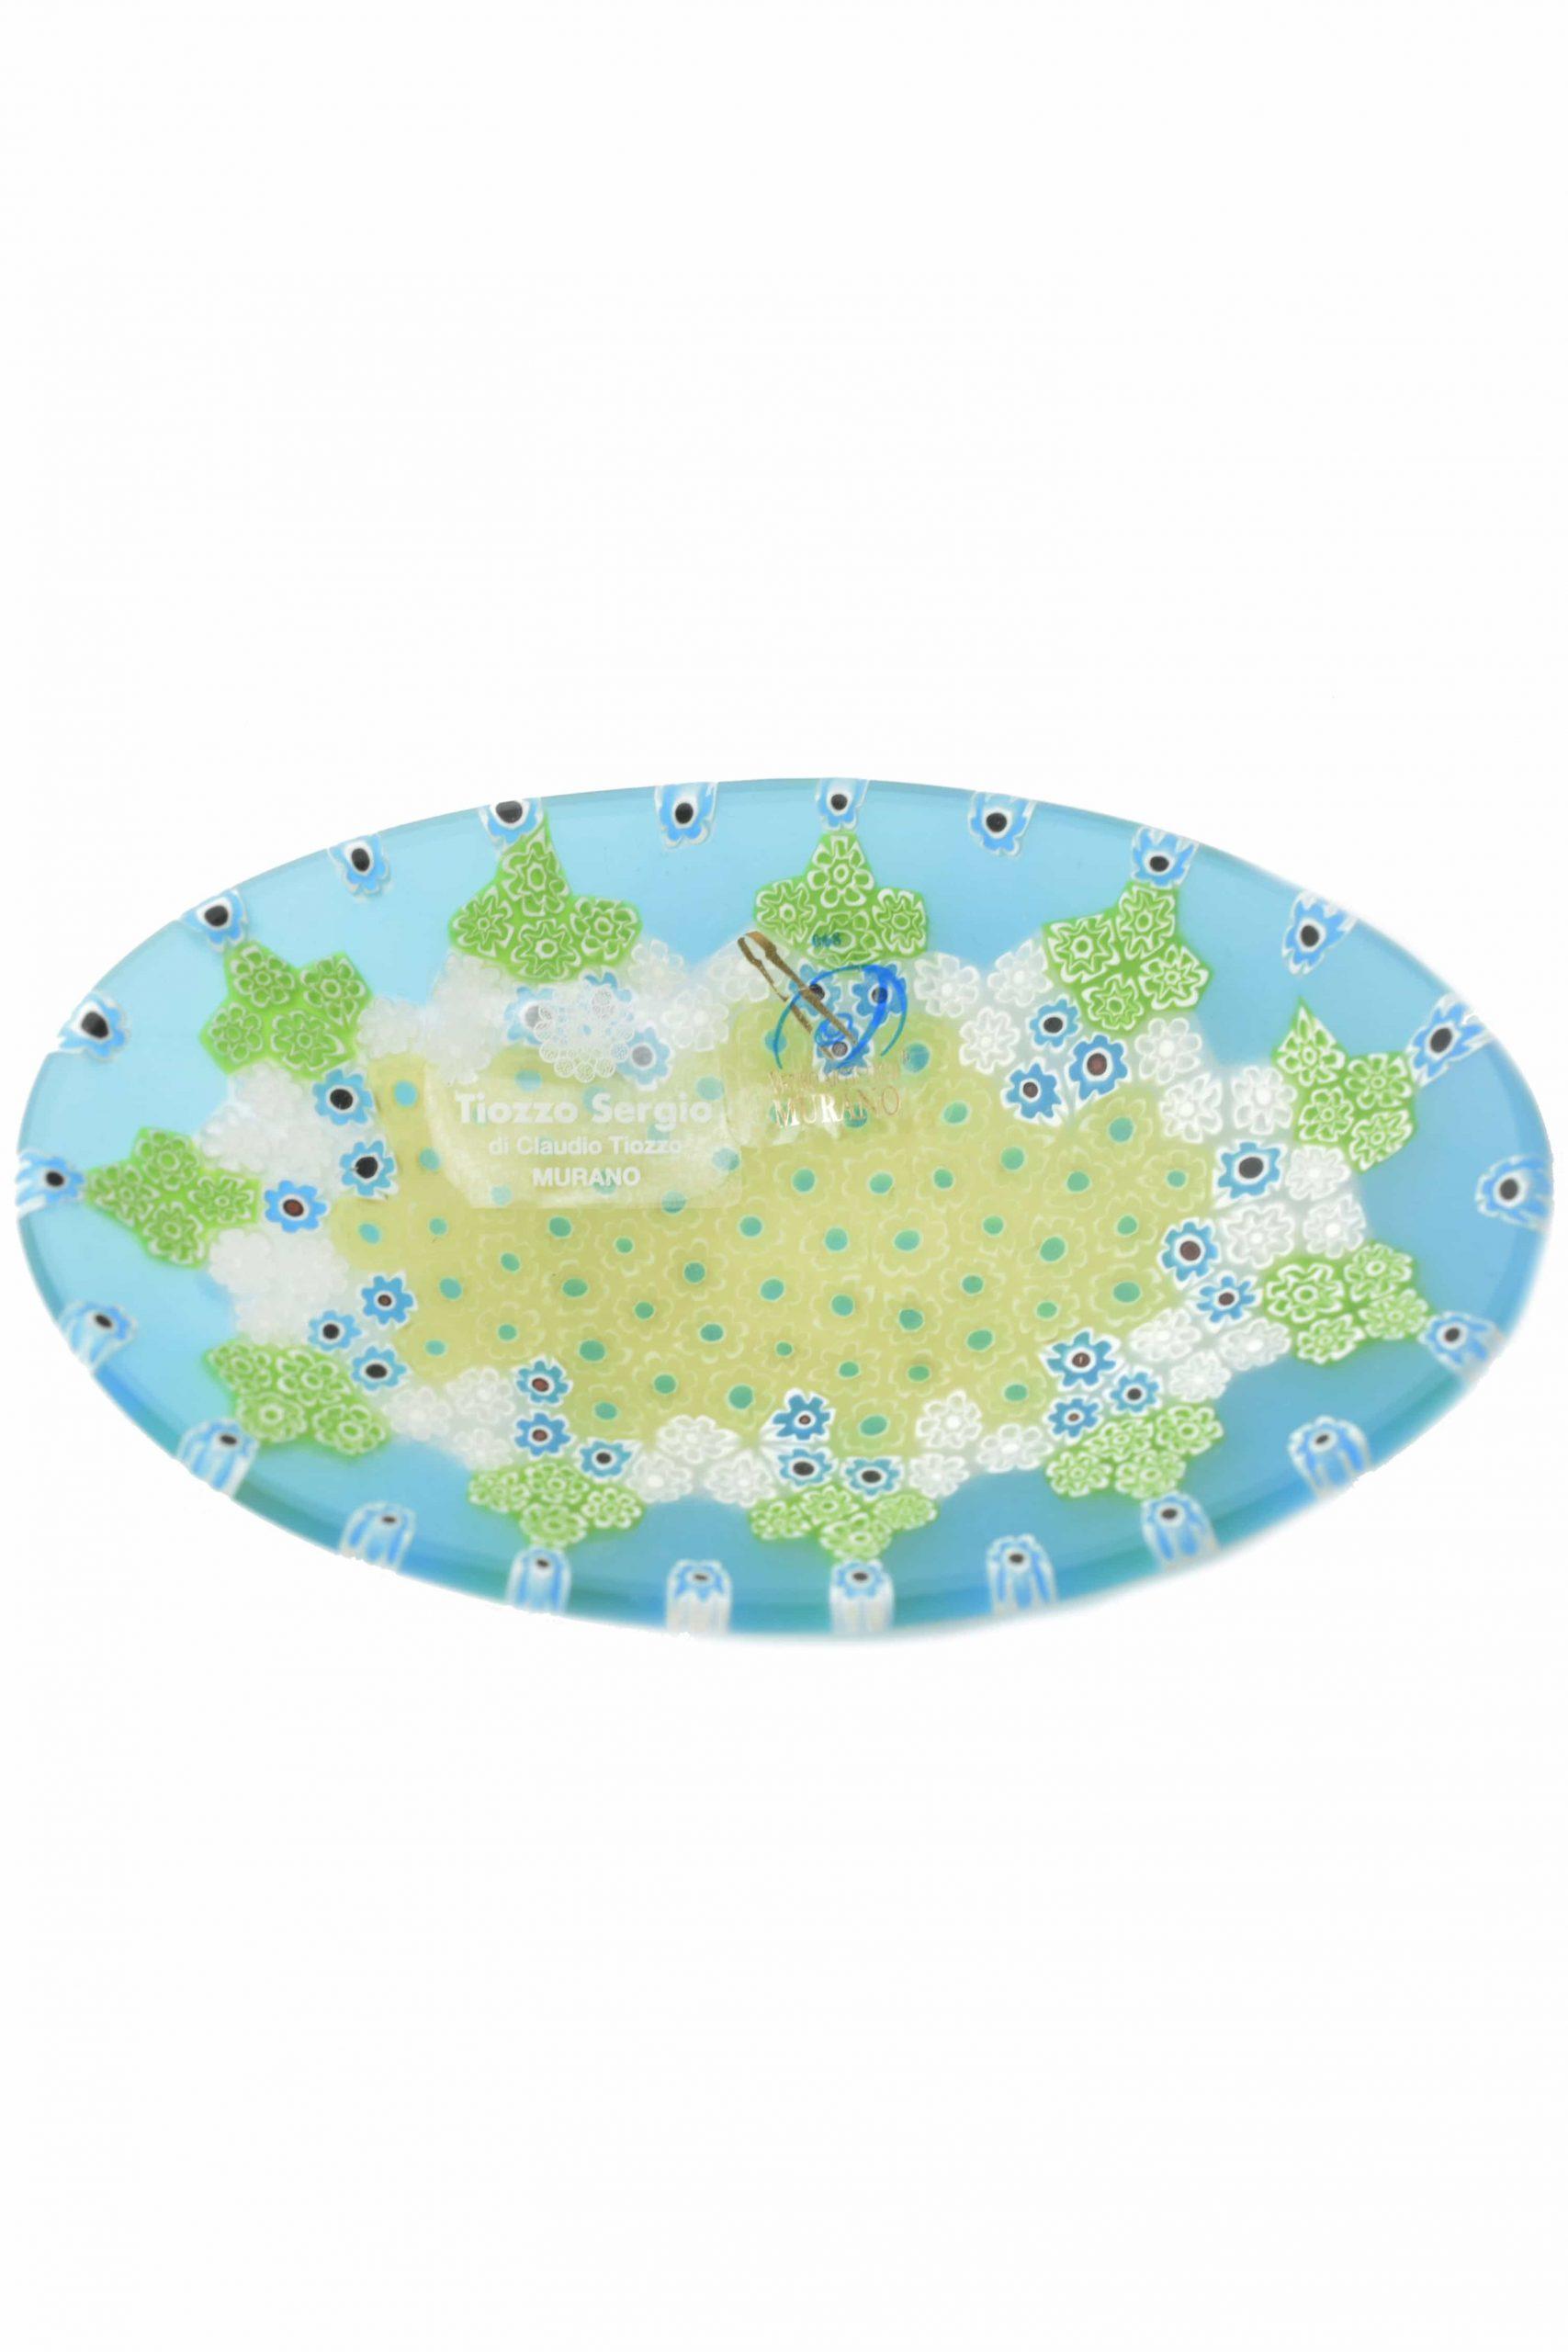 piatto murrine in vetro di muarno